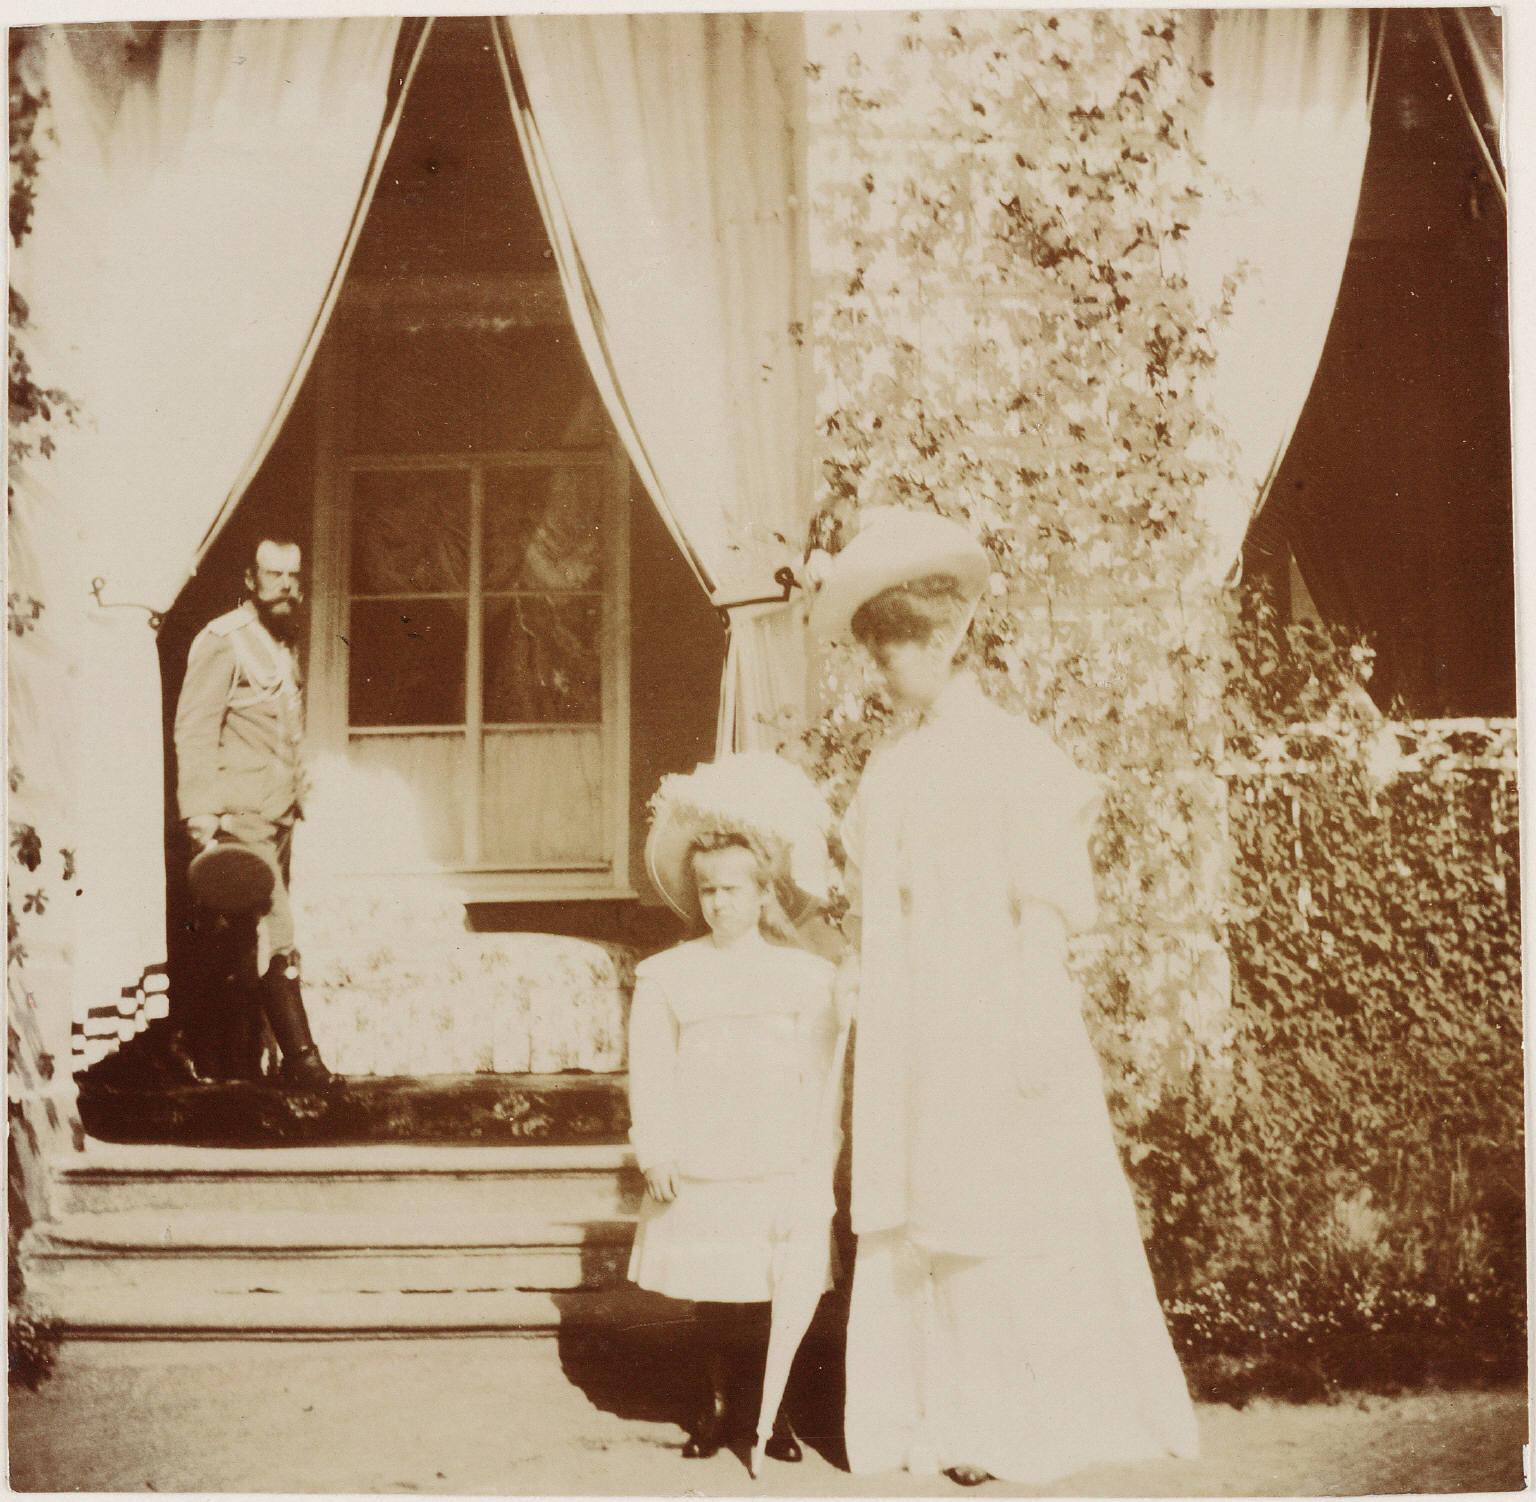 Николай II, Александра Фёдоровна и Анастасия у дворца